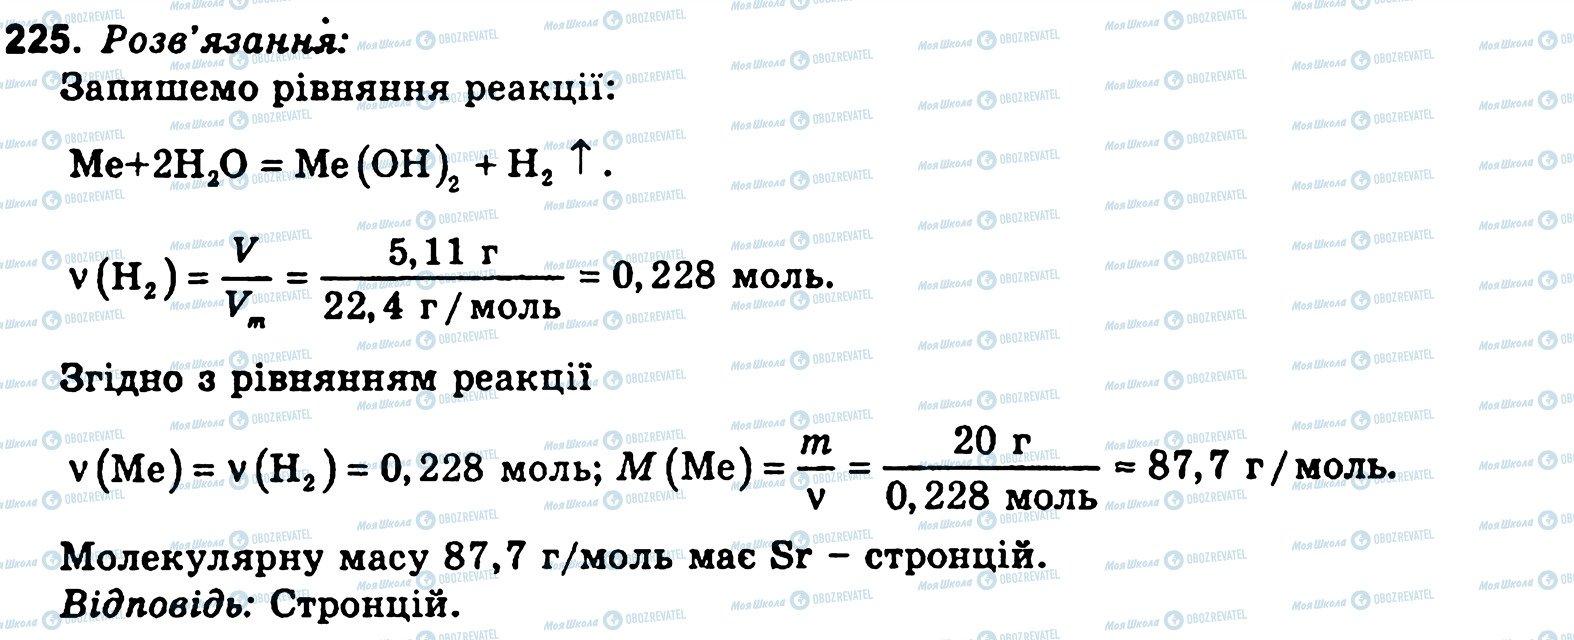 ГДЗ Хімія 11 клас сторінка 225